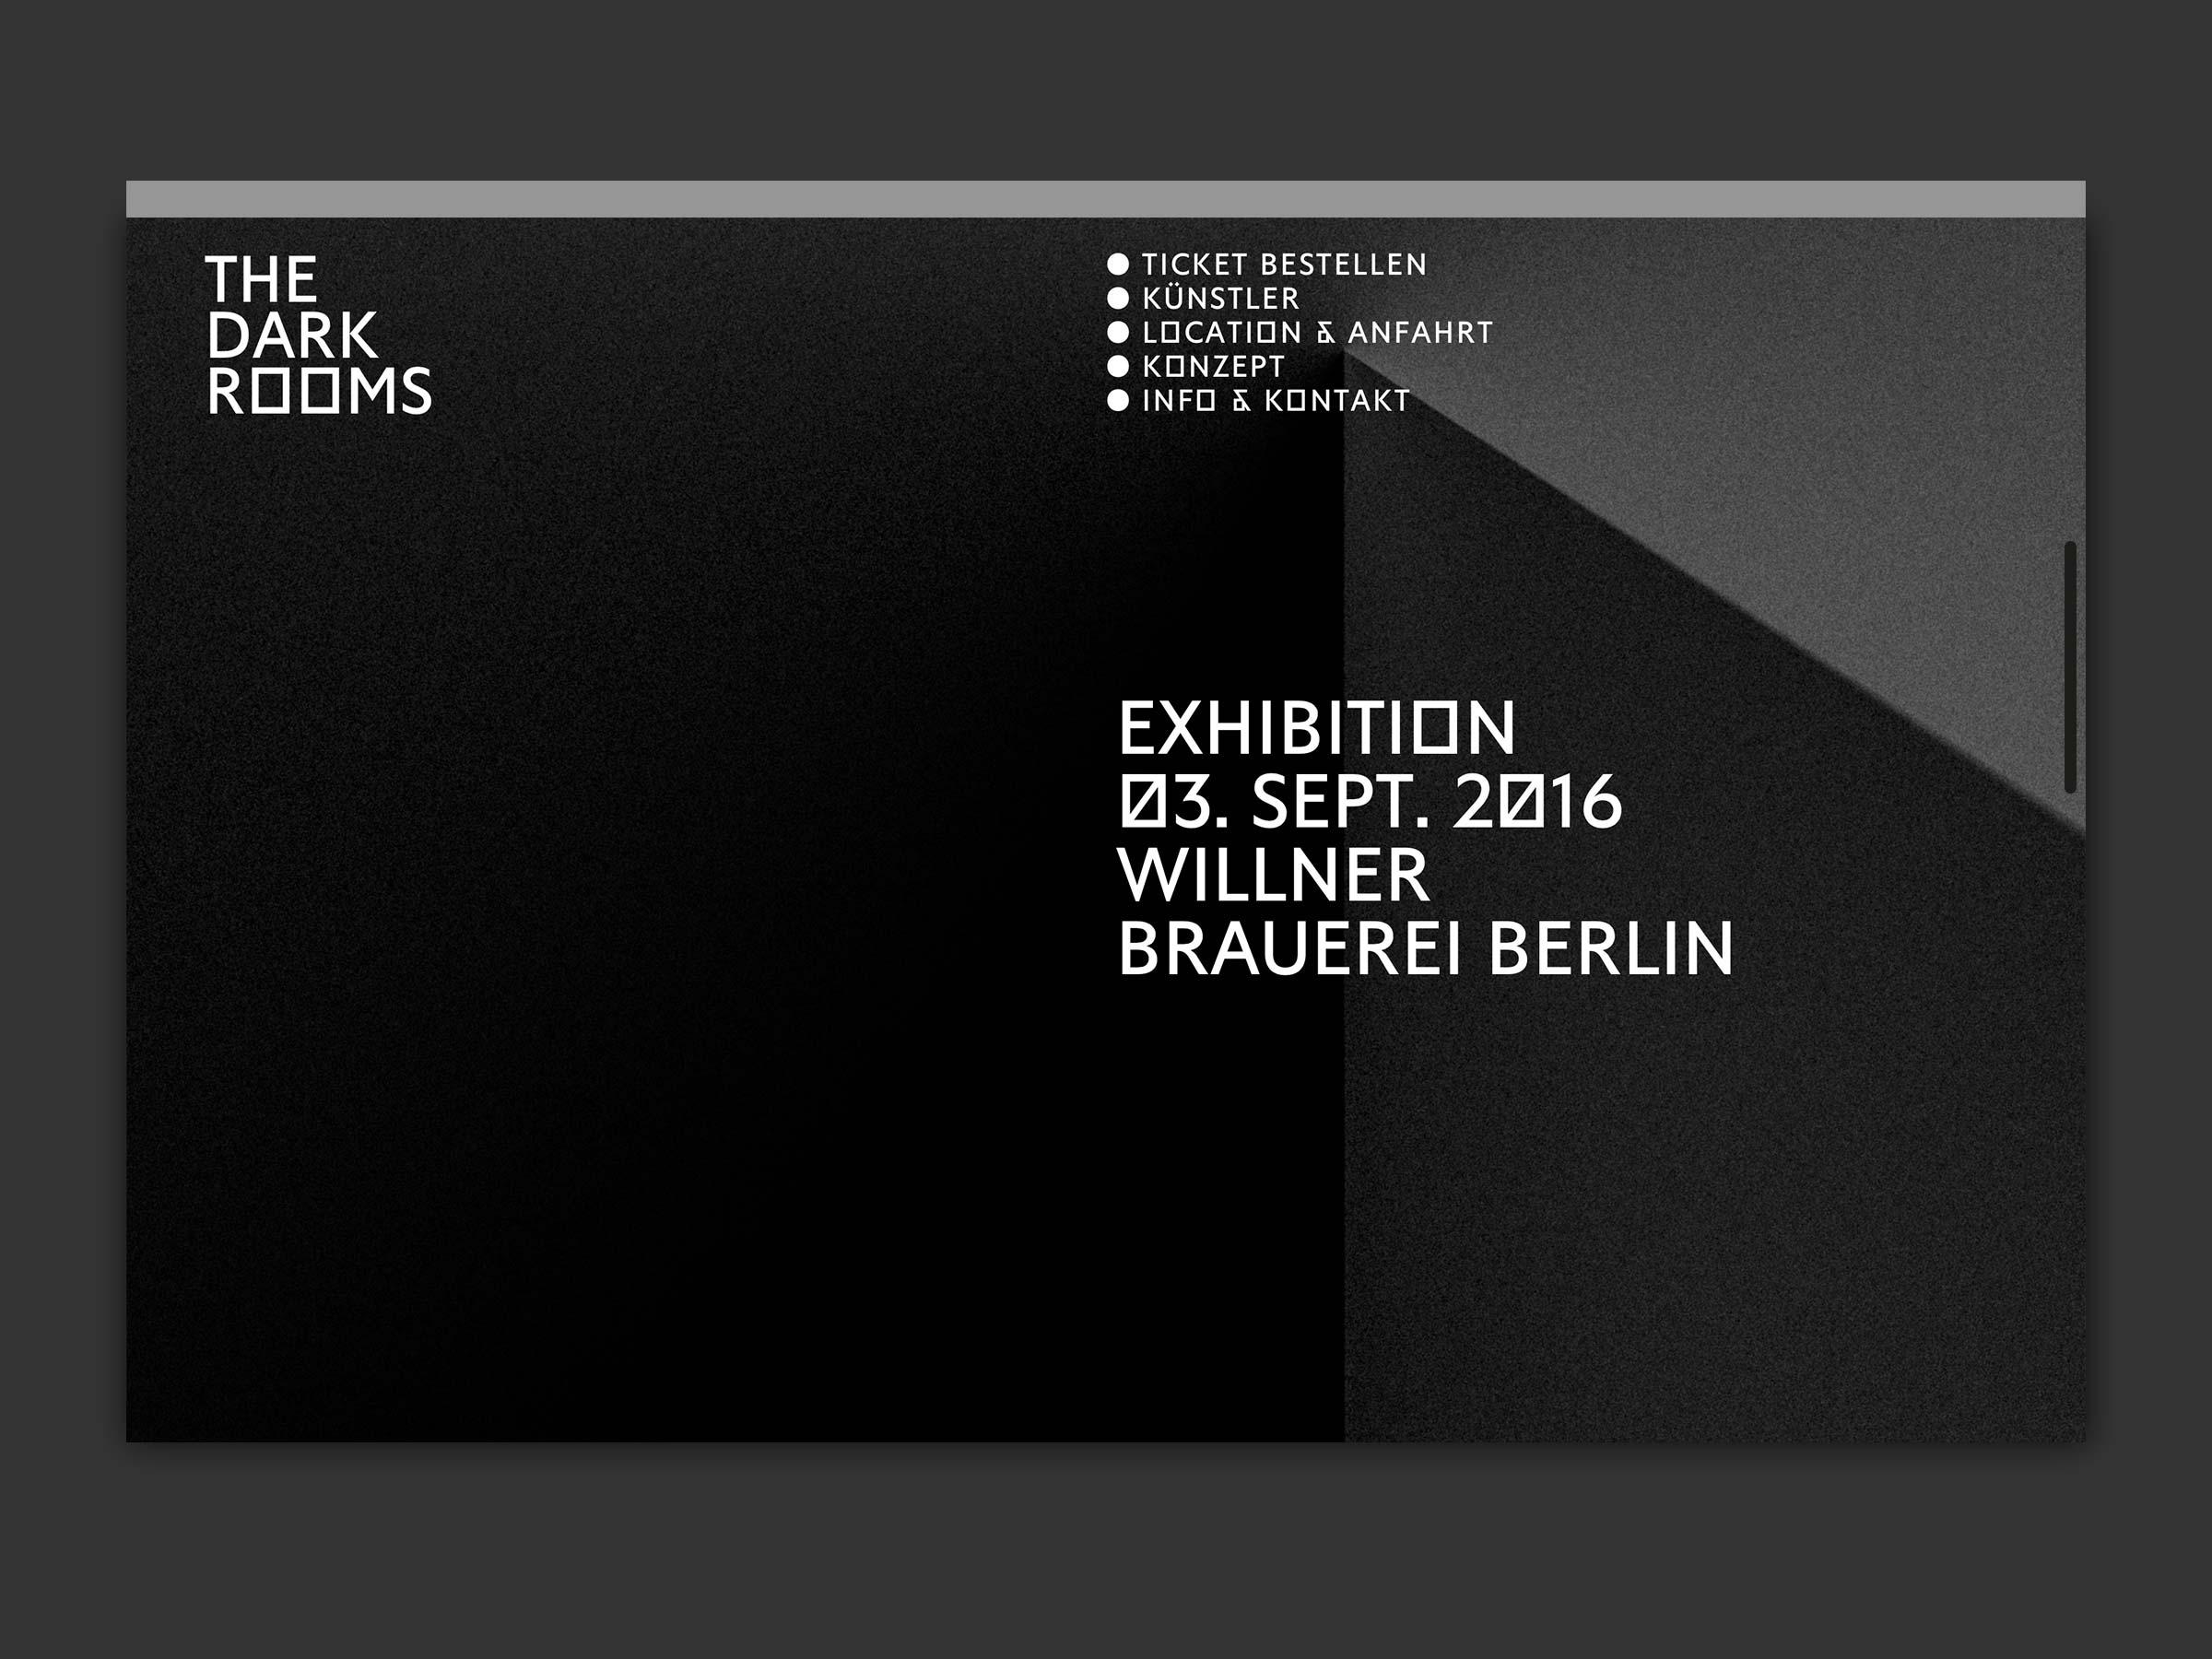 Ziemlich Art Director Lebenslauf 2016 Galerie - Beispiel Business ...